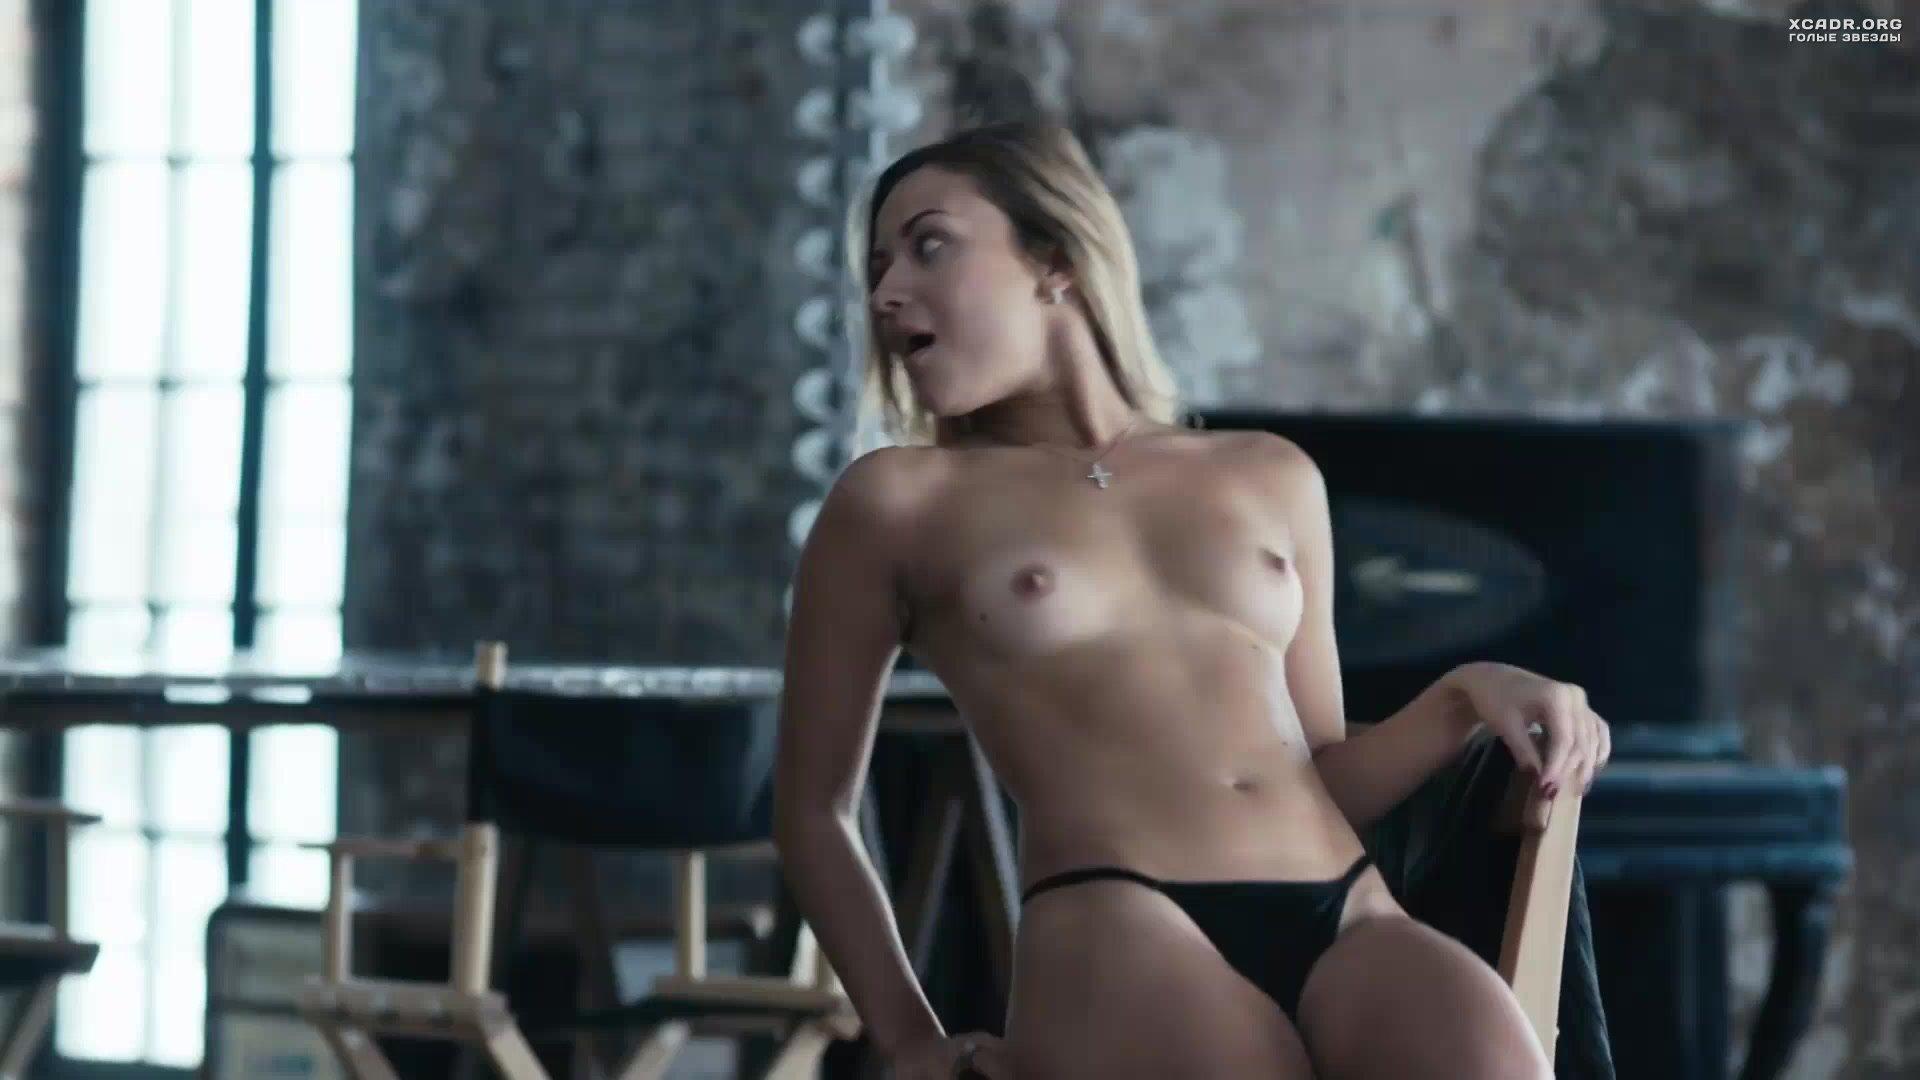 Вот это точку Порно фото голых зрелых семье муж жена равнаправны